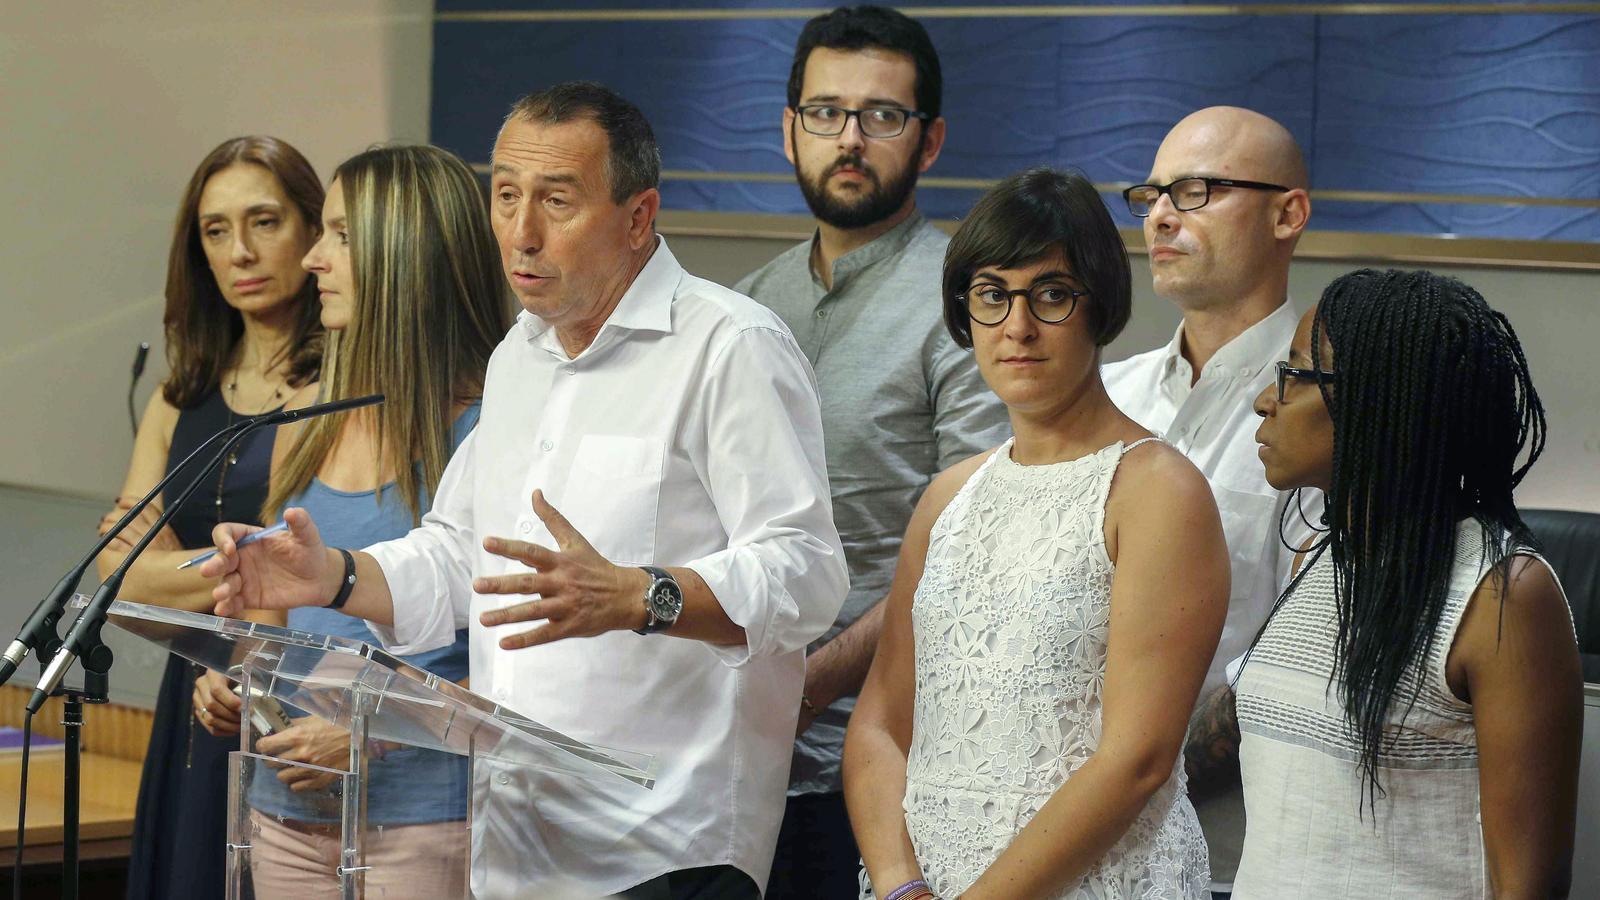 El portaveu d''A la valenciana' i alguns dels membres de la coalició en la roda de premsa posterior a la reunió de Joan Baldoví amb el rei Felip VI.